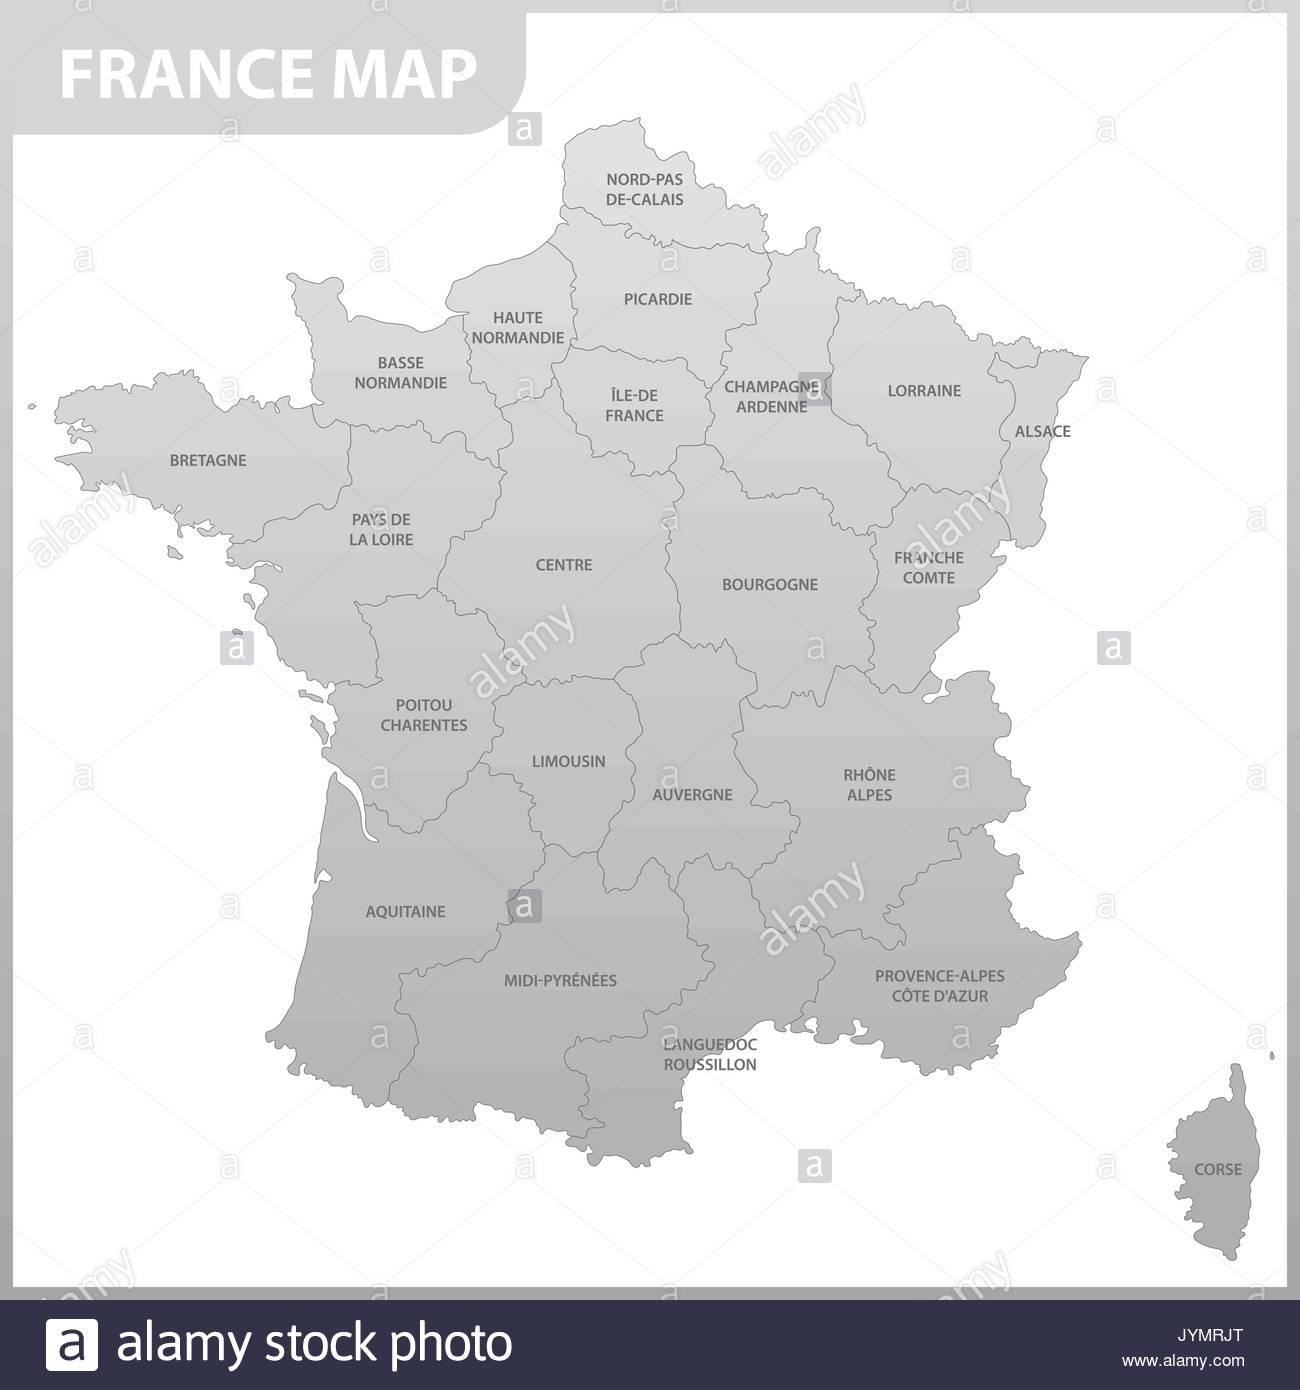 La Carte Détaillée De La France Avec Les Régions Ou États pour Carte De France Avec Les Régions